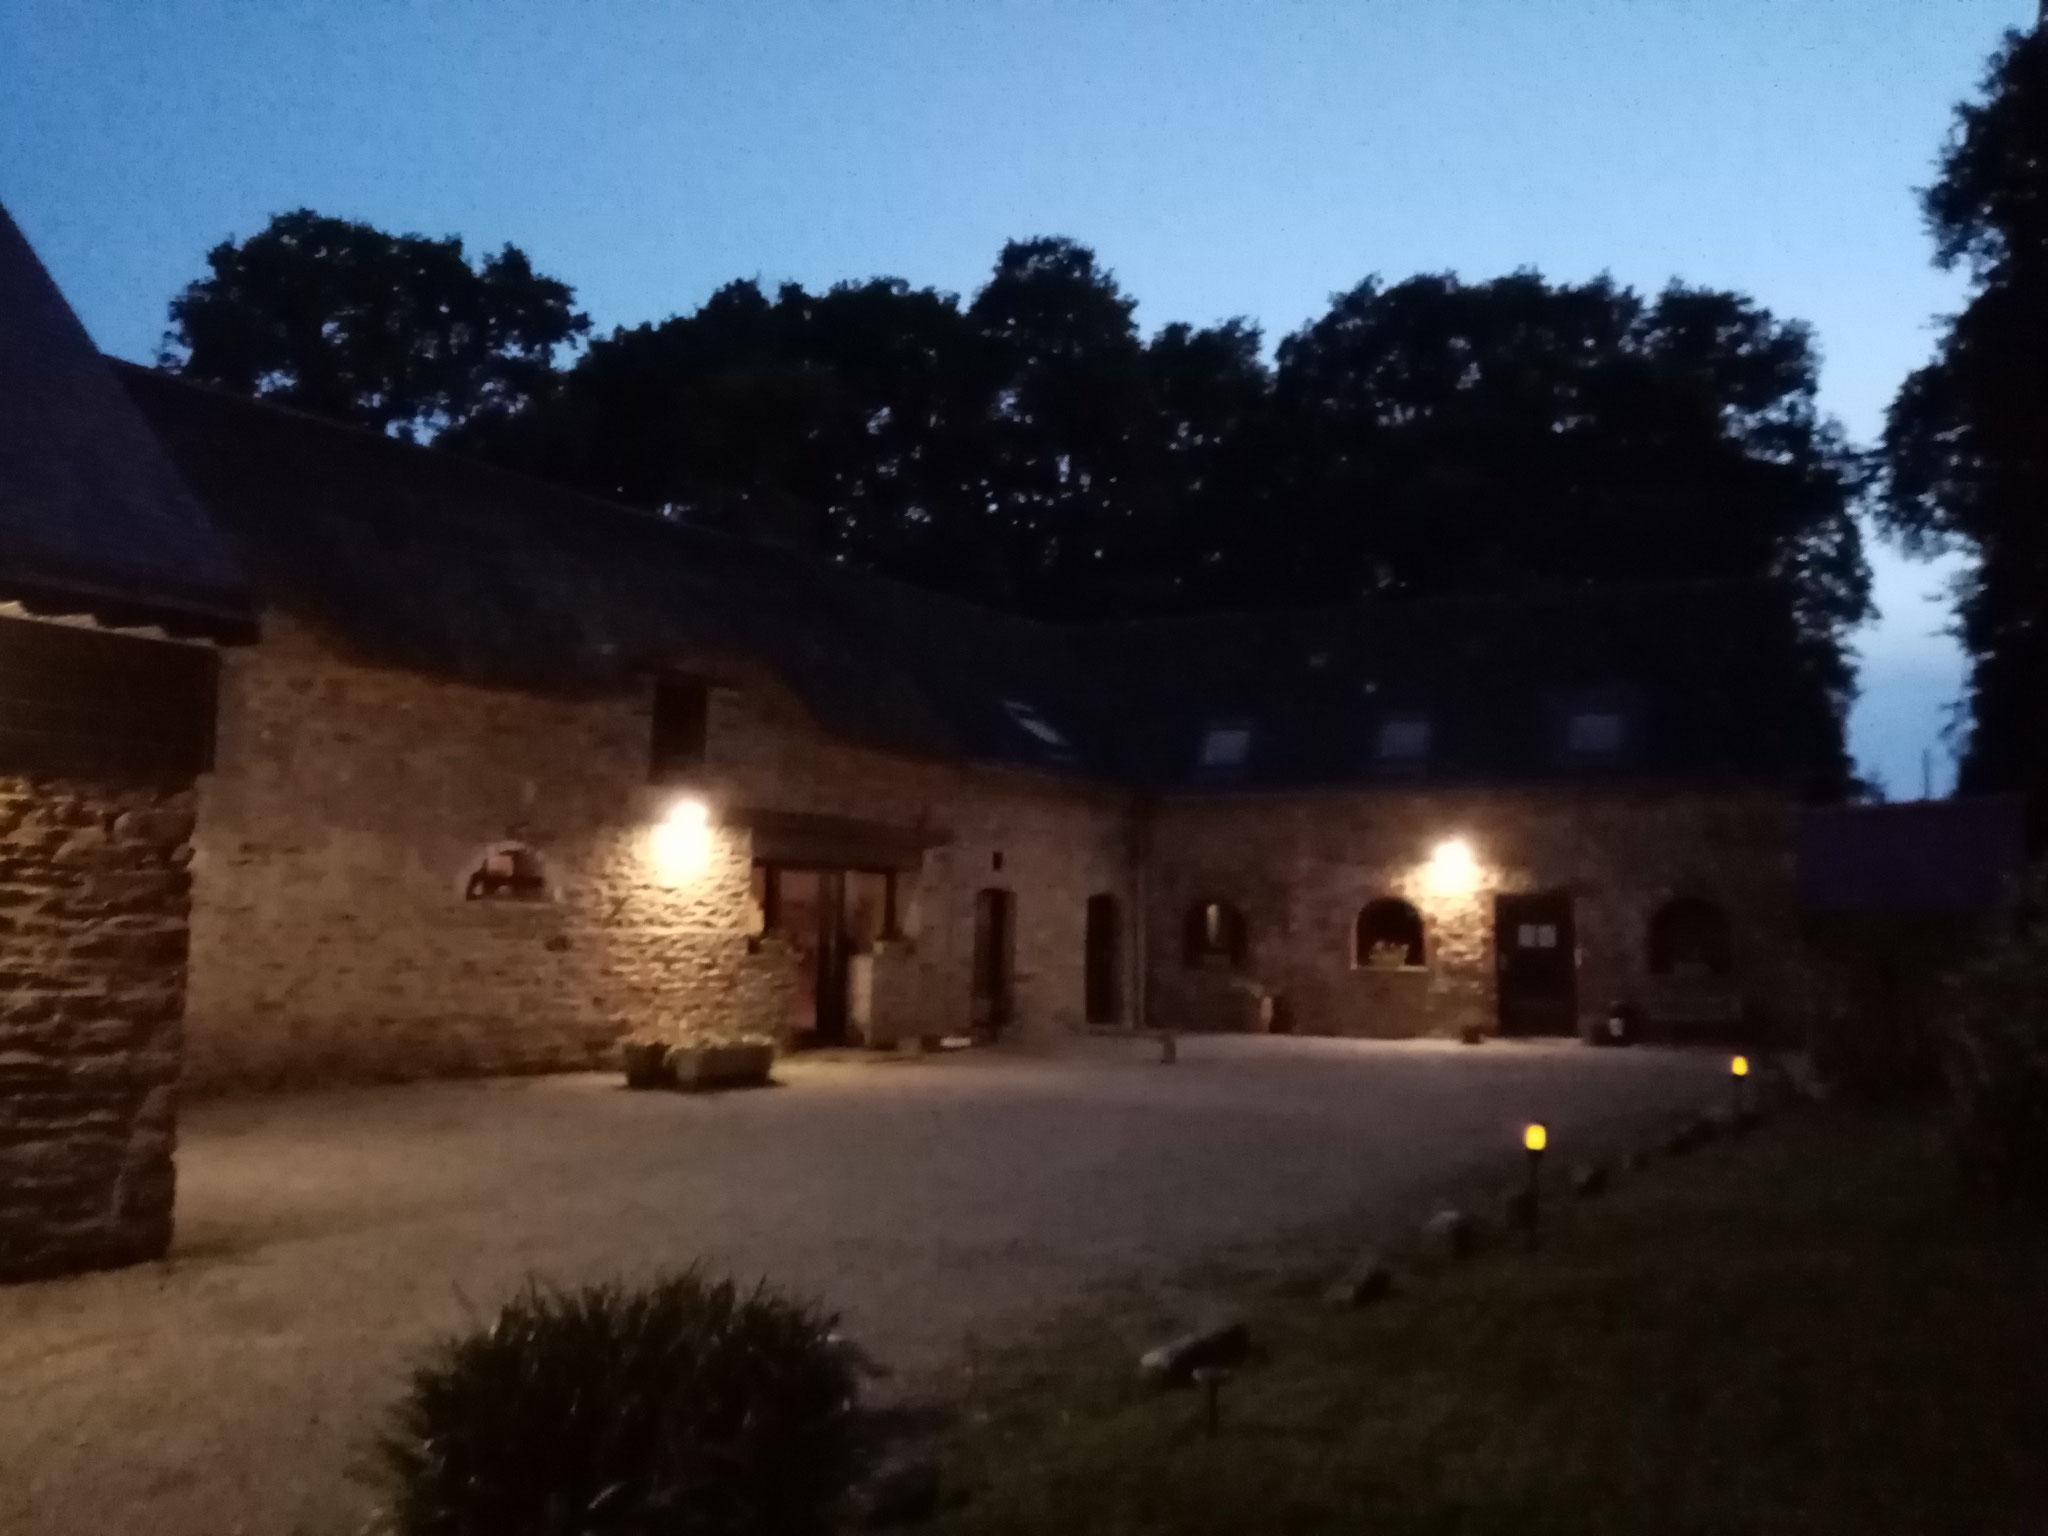 Vue extérieure de la cour arrière à la tombée de la nuit